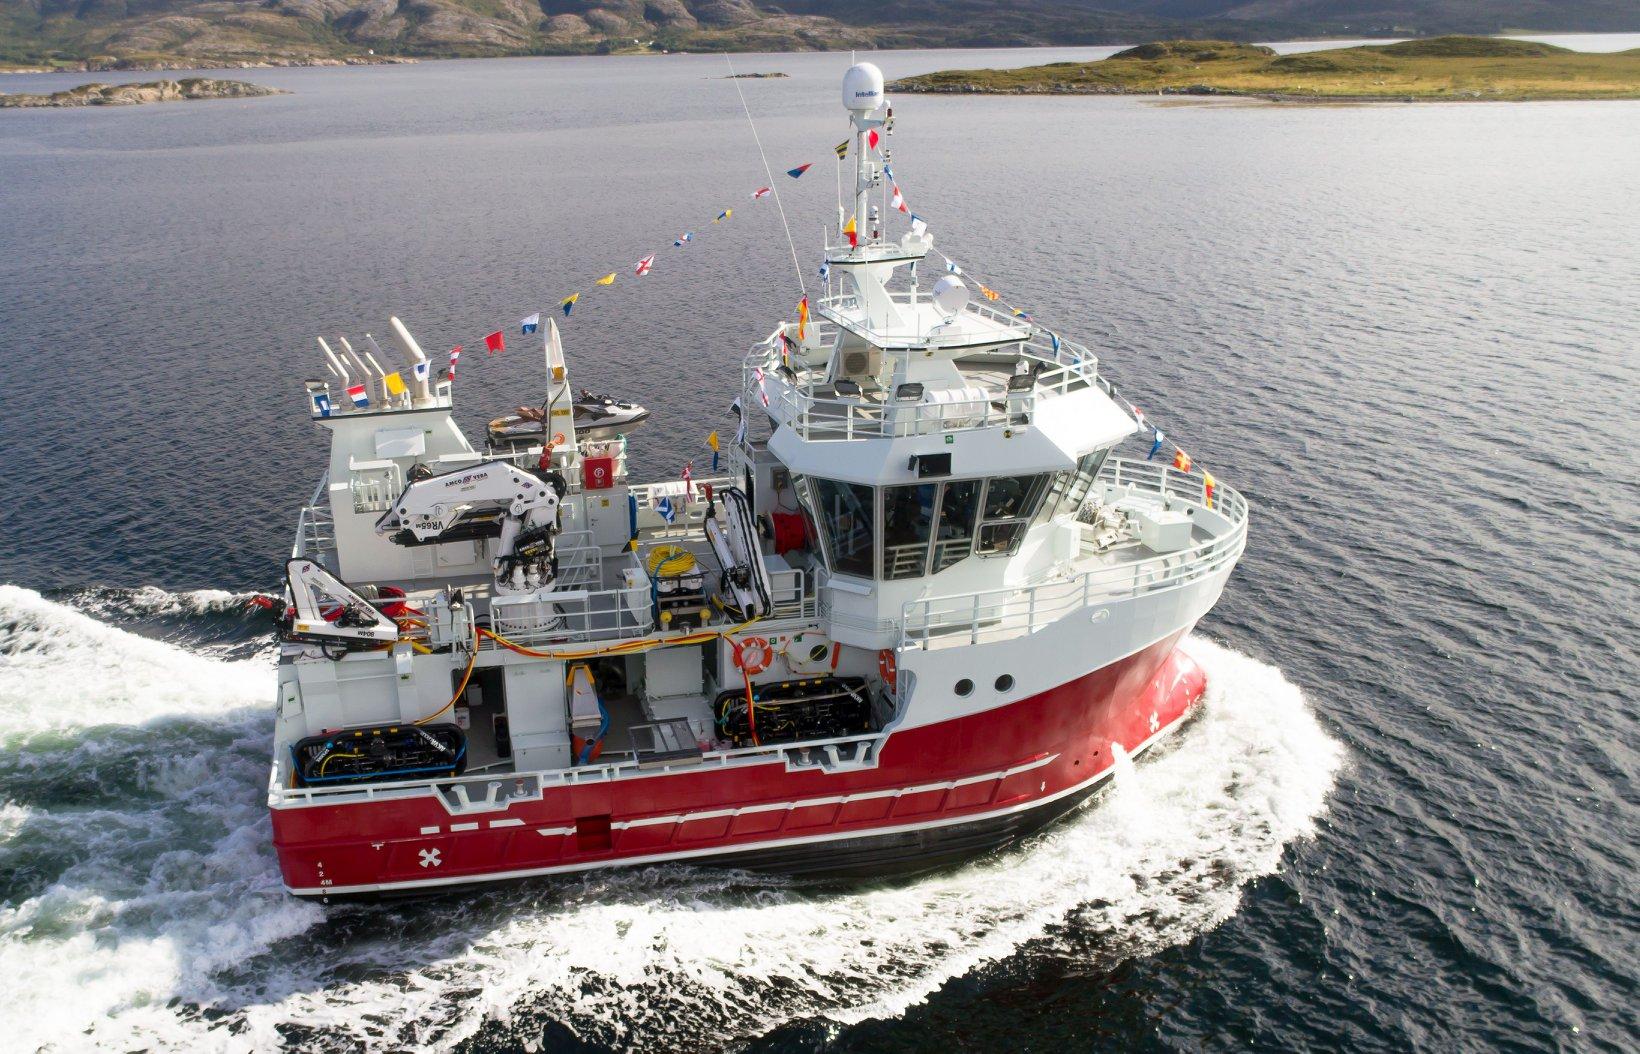 Fishing vessel built in 2018